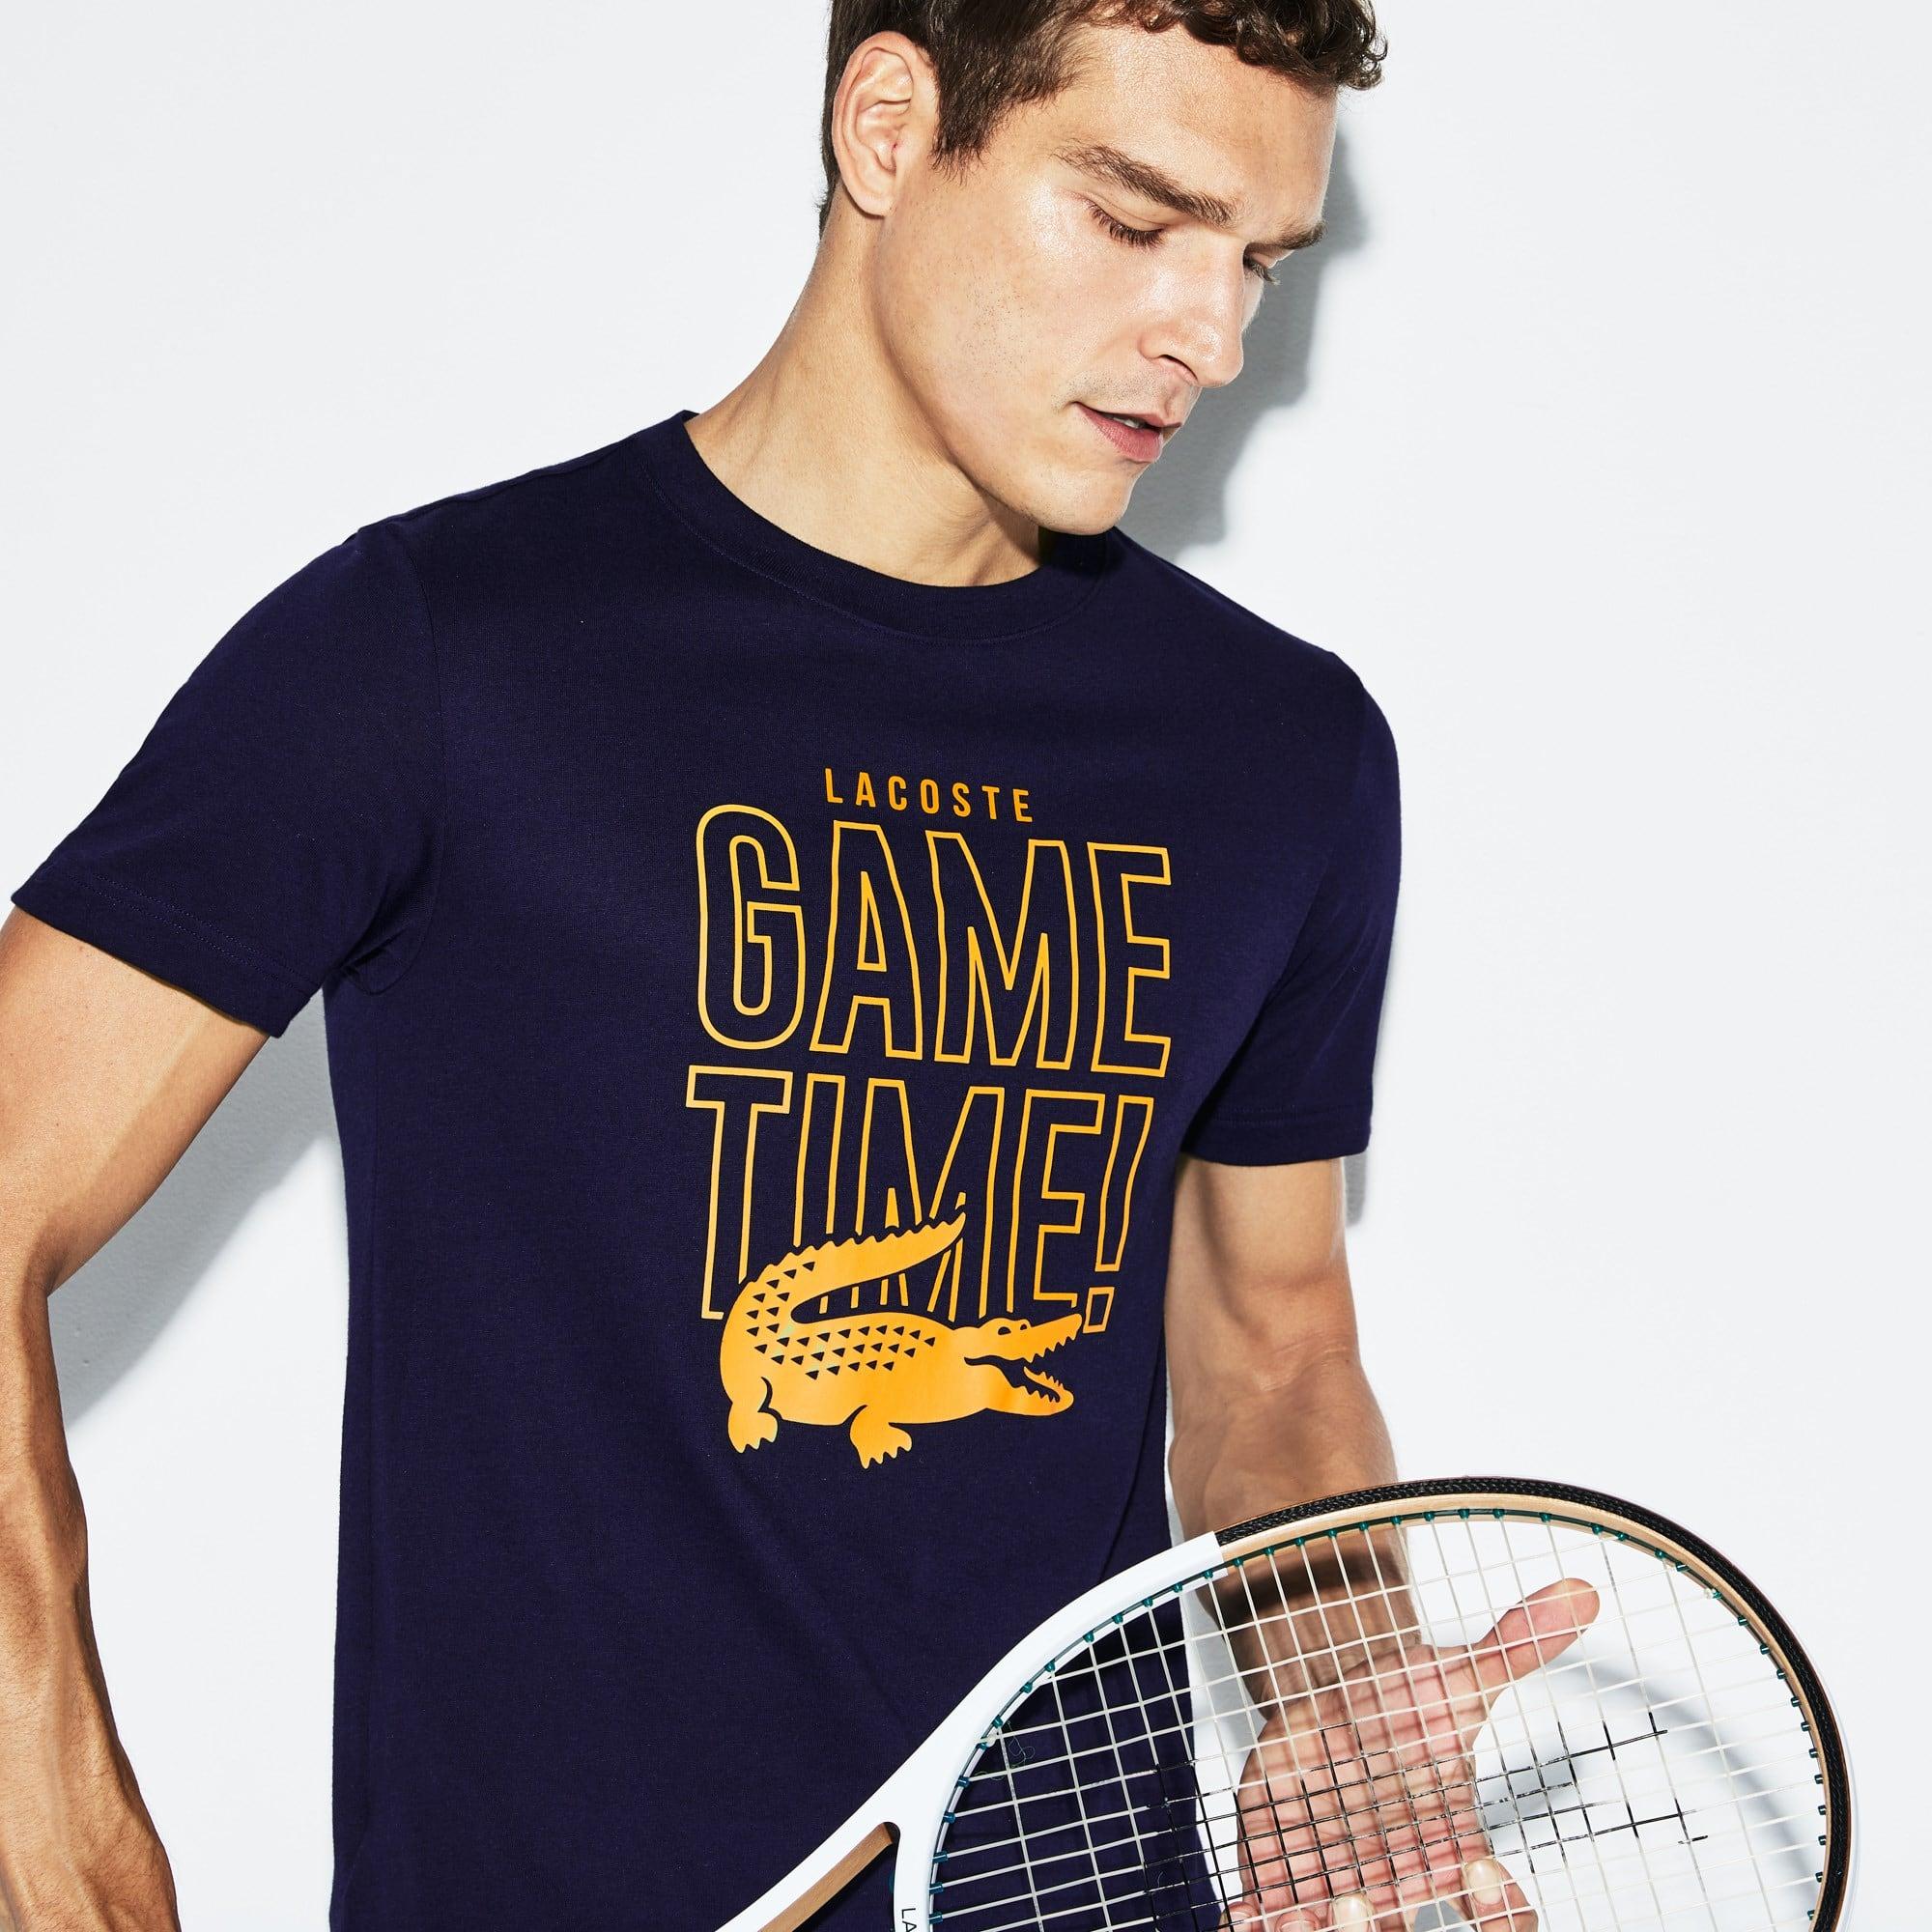 Lacoste - Herren LACOSTE SPORT Game Time Rundhals Tennis T-Shirt aus Jersey - 5